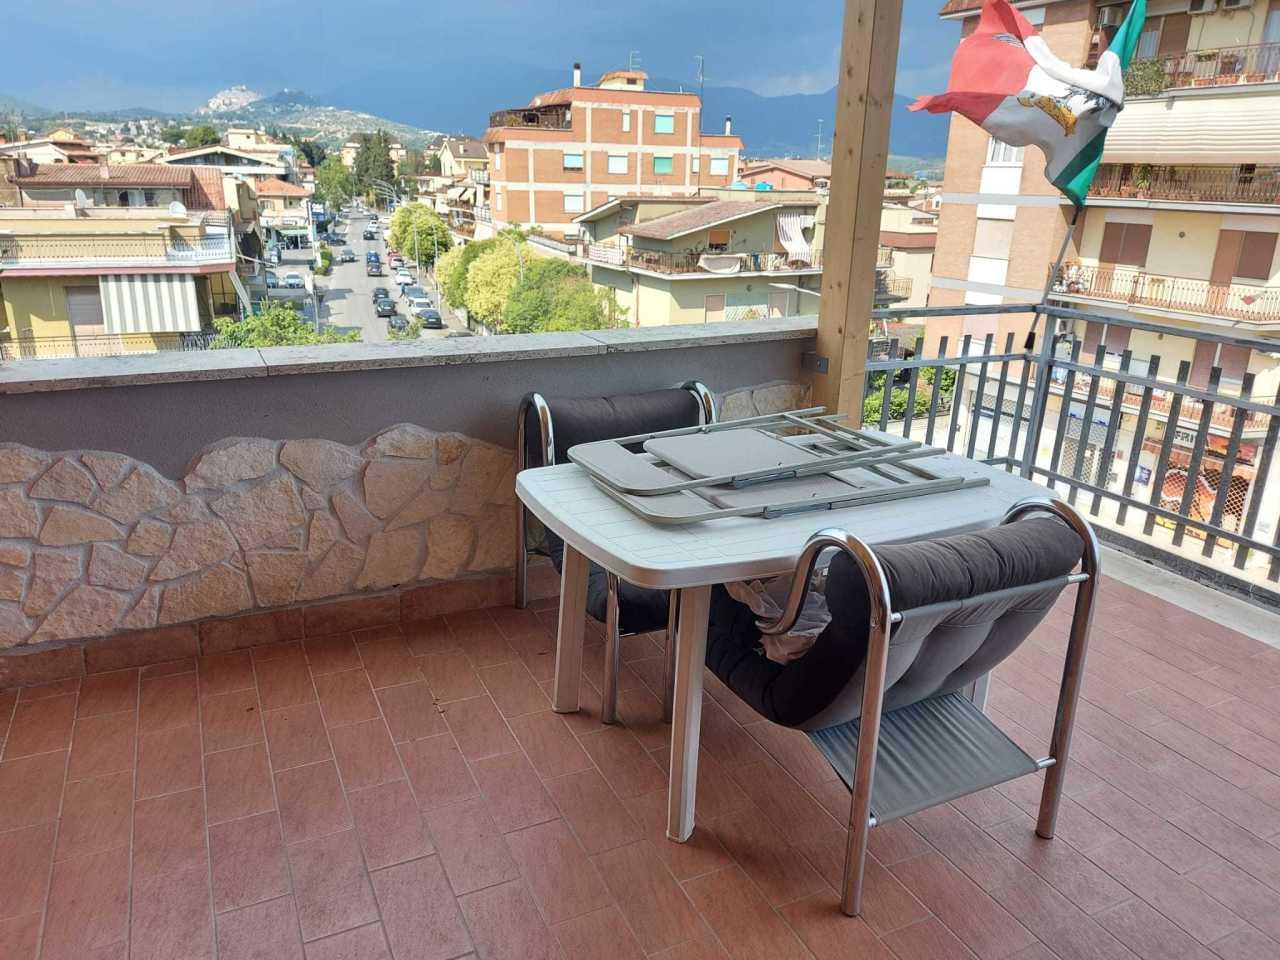 Attico / Mansarda in vendita a Guidonia Montecelio, 3 locali, prezzo € 169.000 | PortaleAgenzieImmobiliari.it